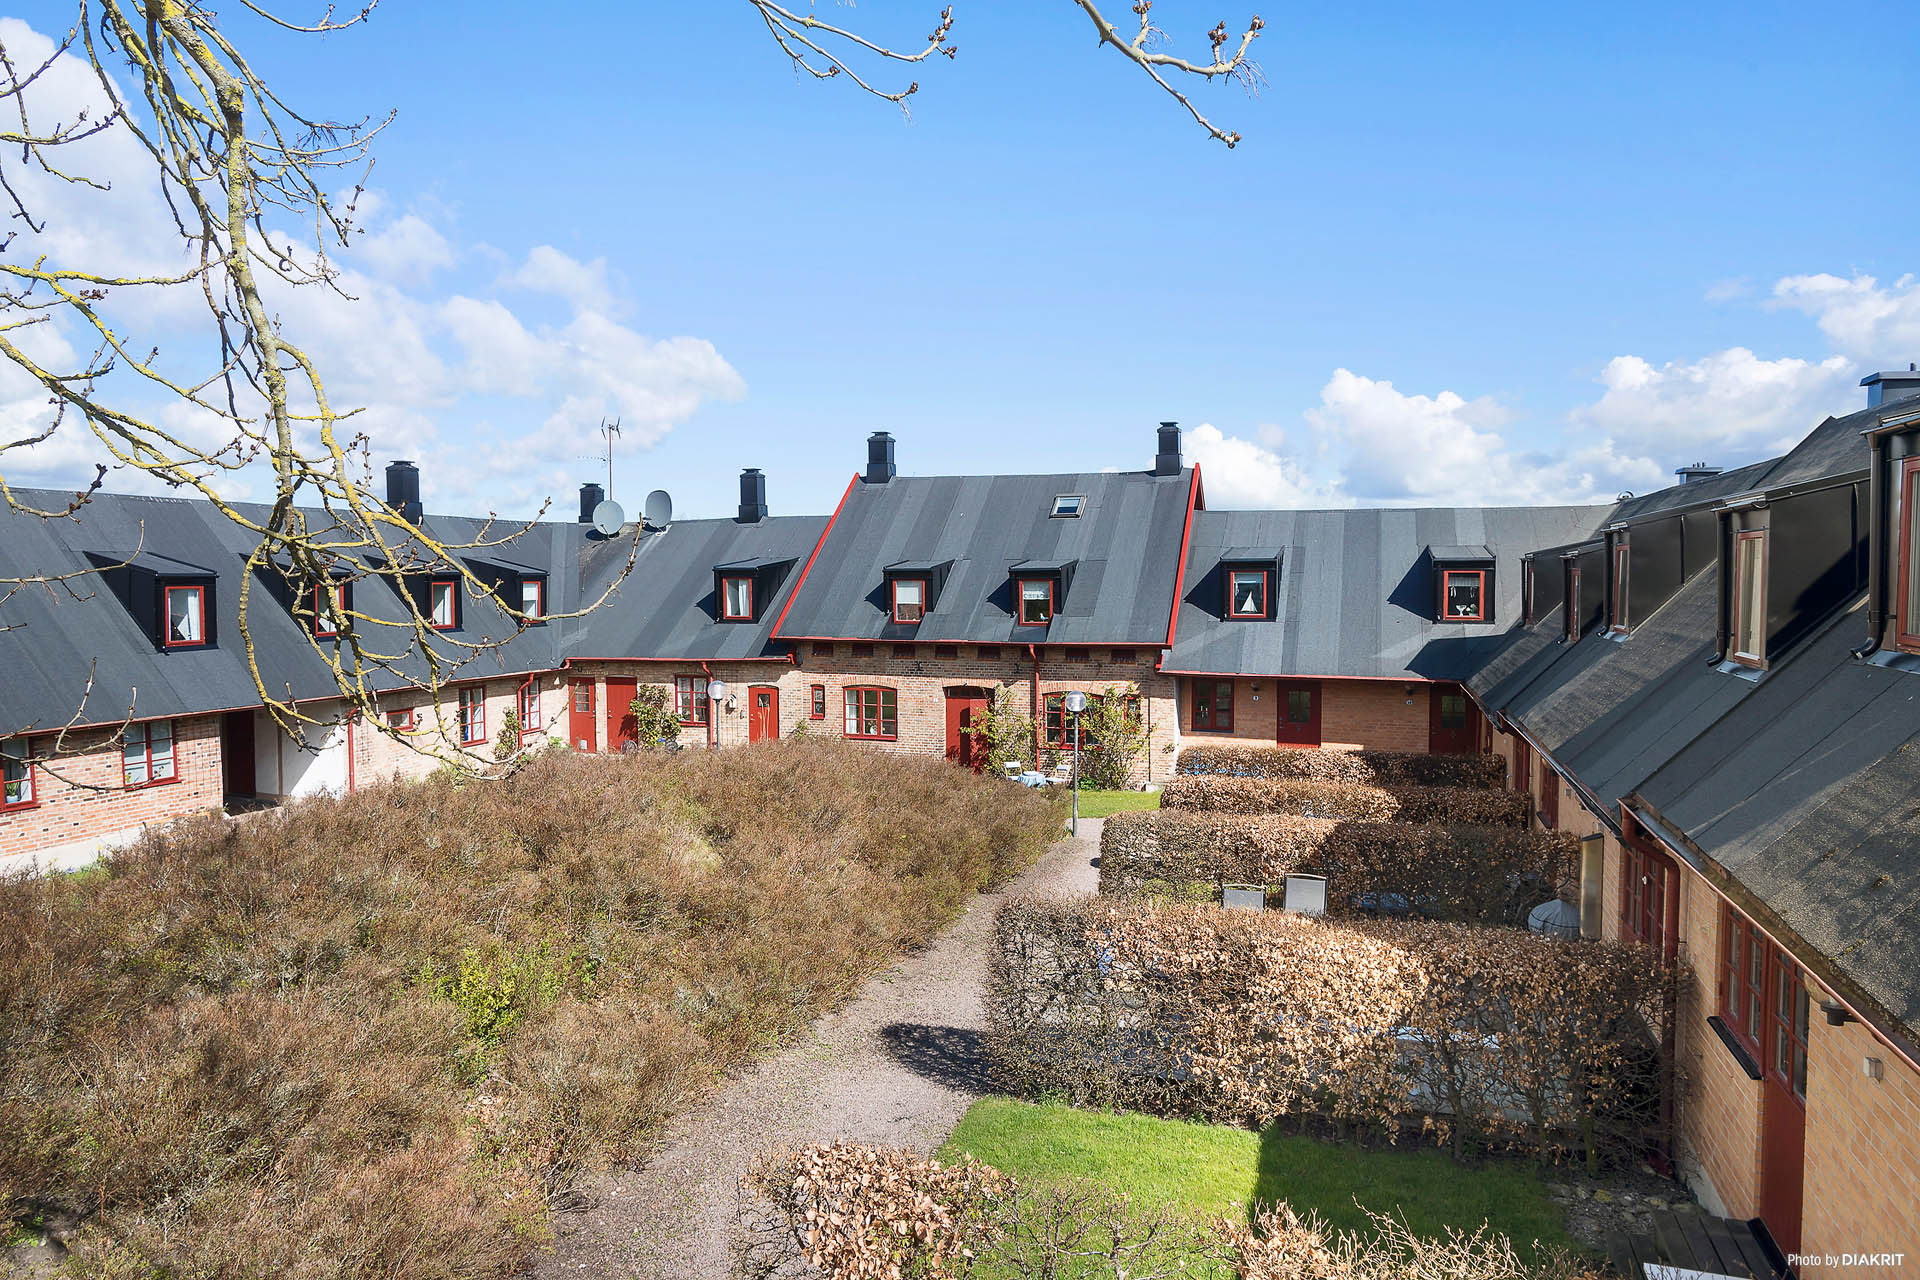 Fasad entrésidan, bostadsrätten ligger i den högre delen av den högre huskroppen i mitten